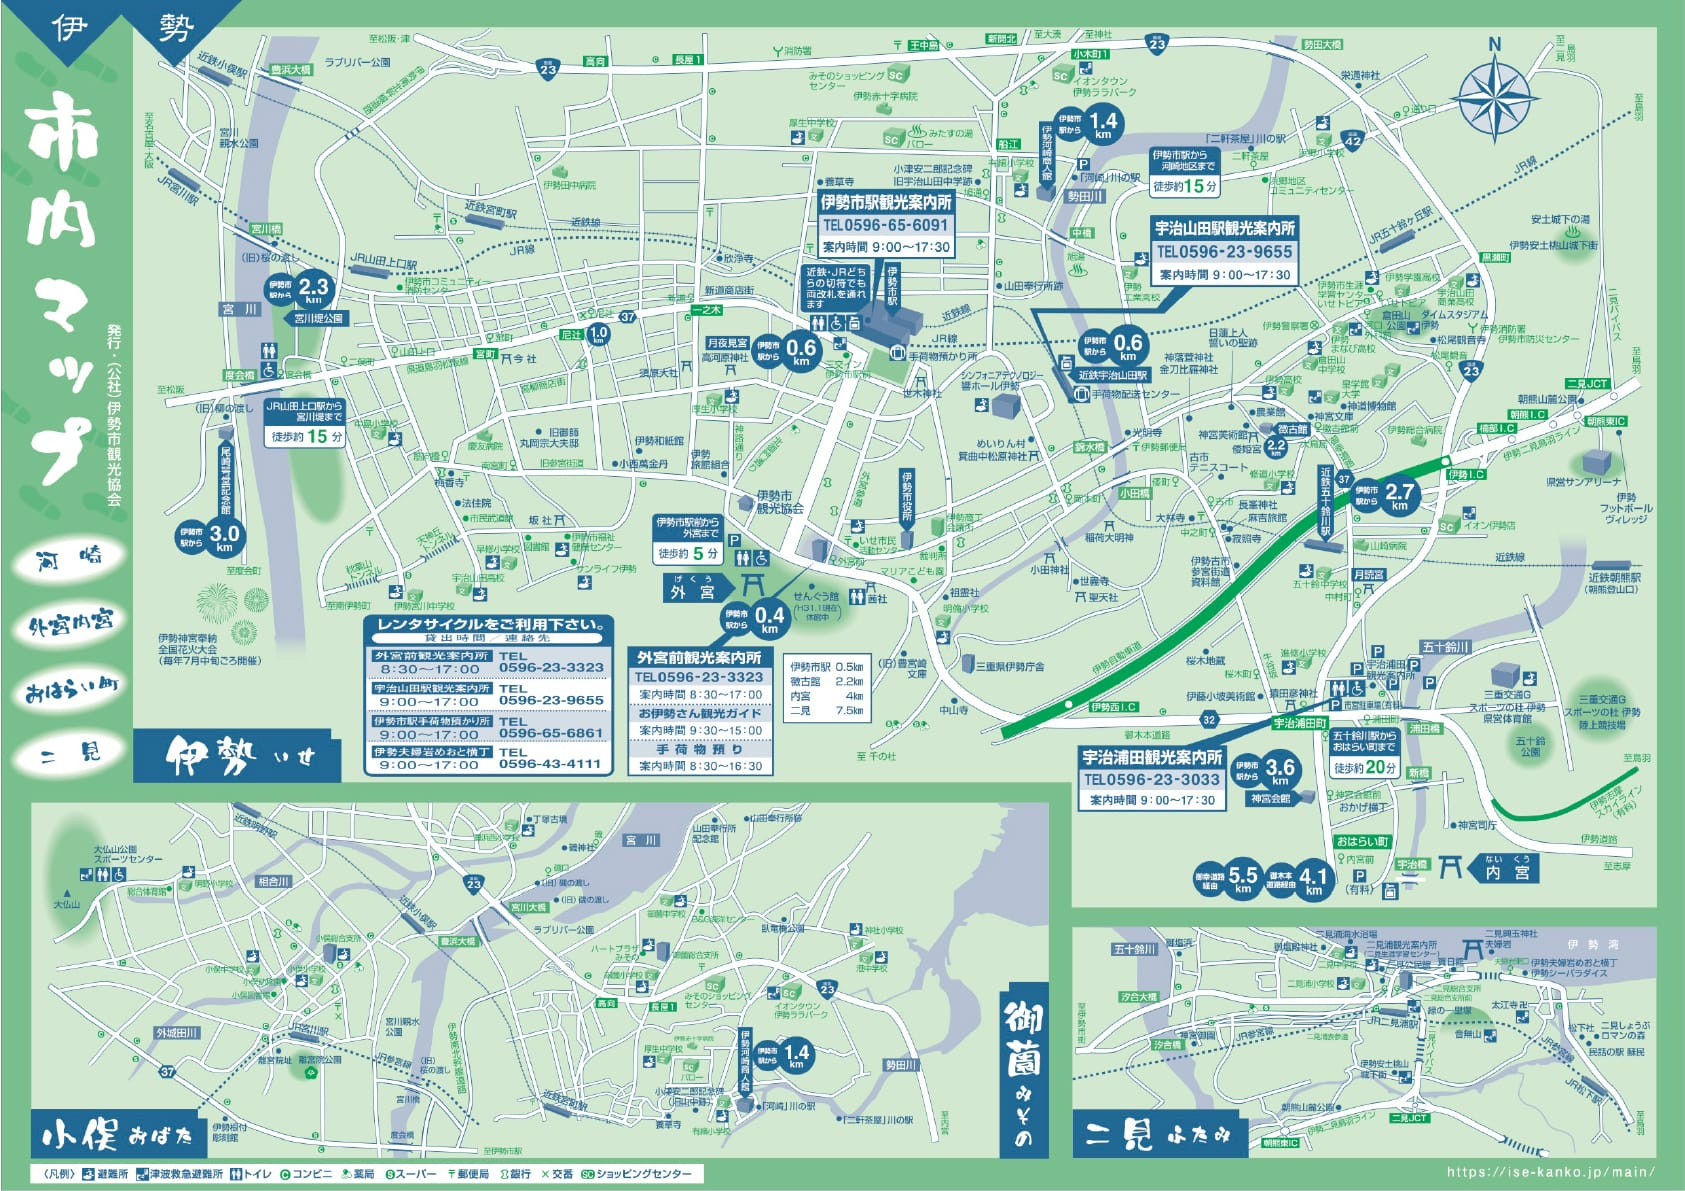 伊勢市地圖